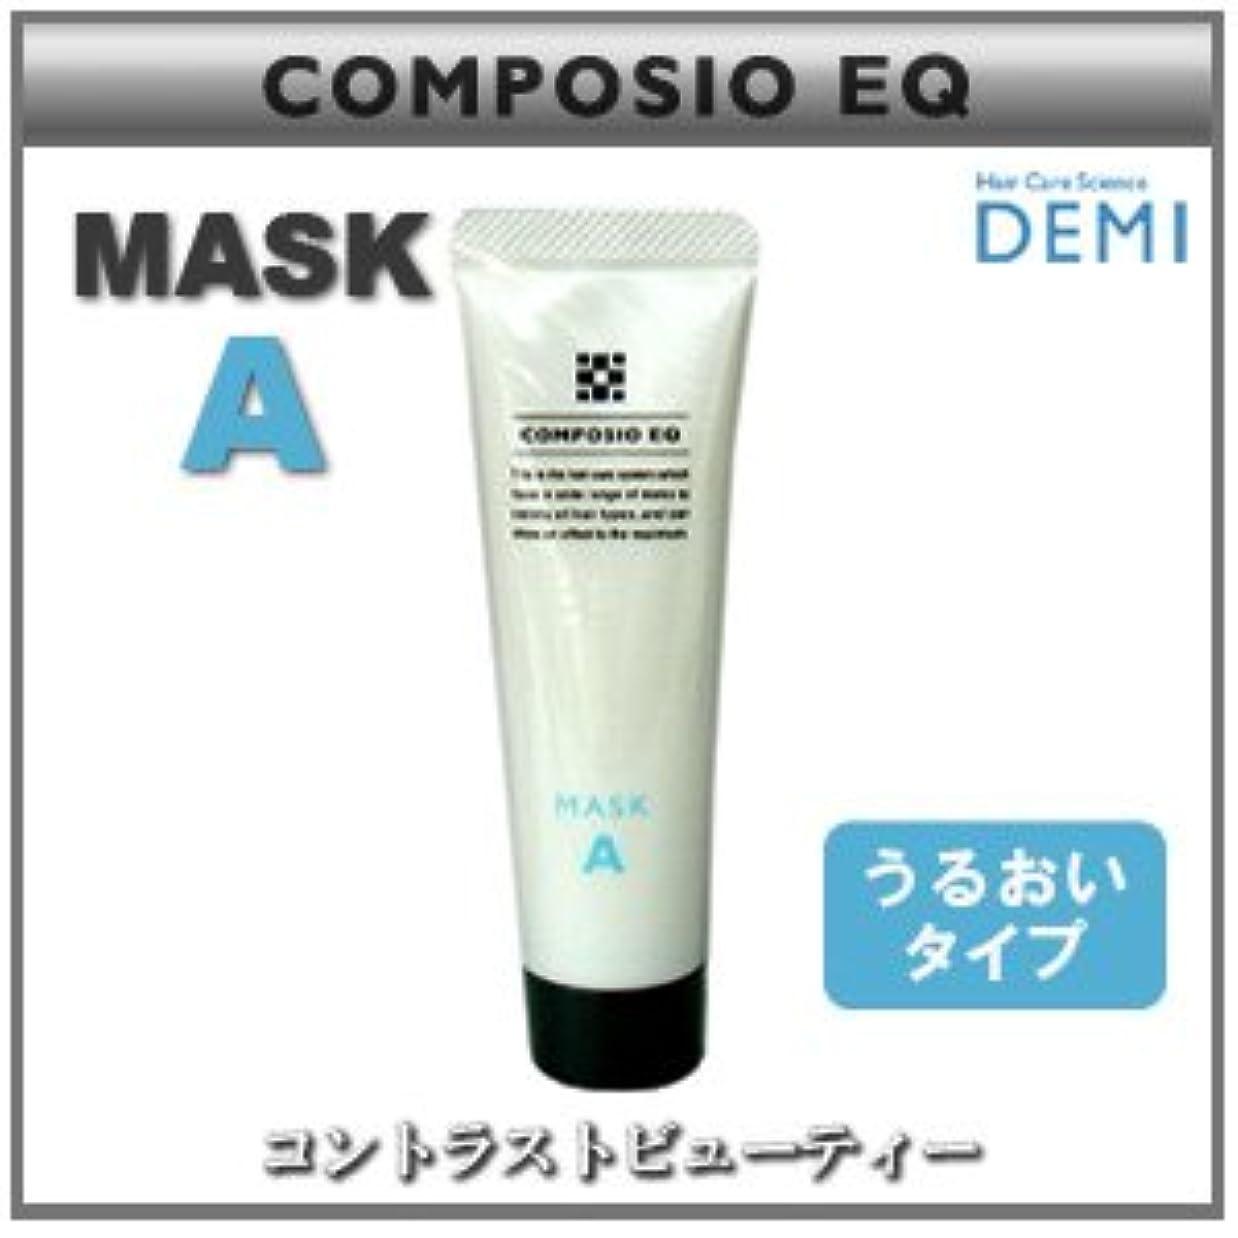 熱意水分十年【X5個セット】 デミ コンポジオ EQ マスク A 50g